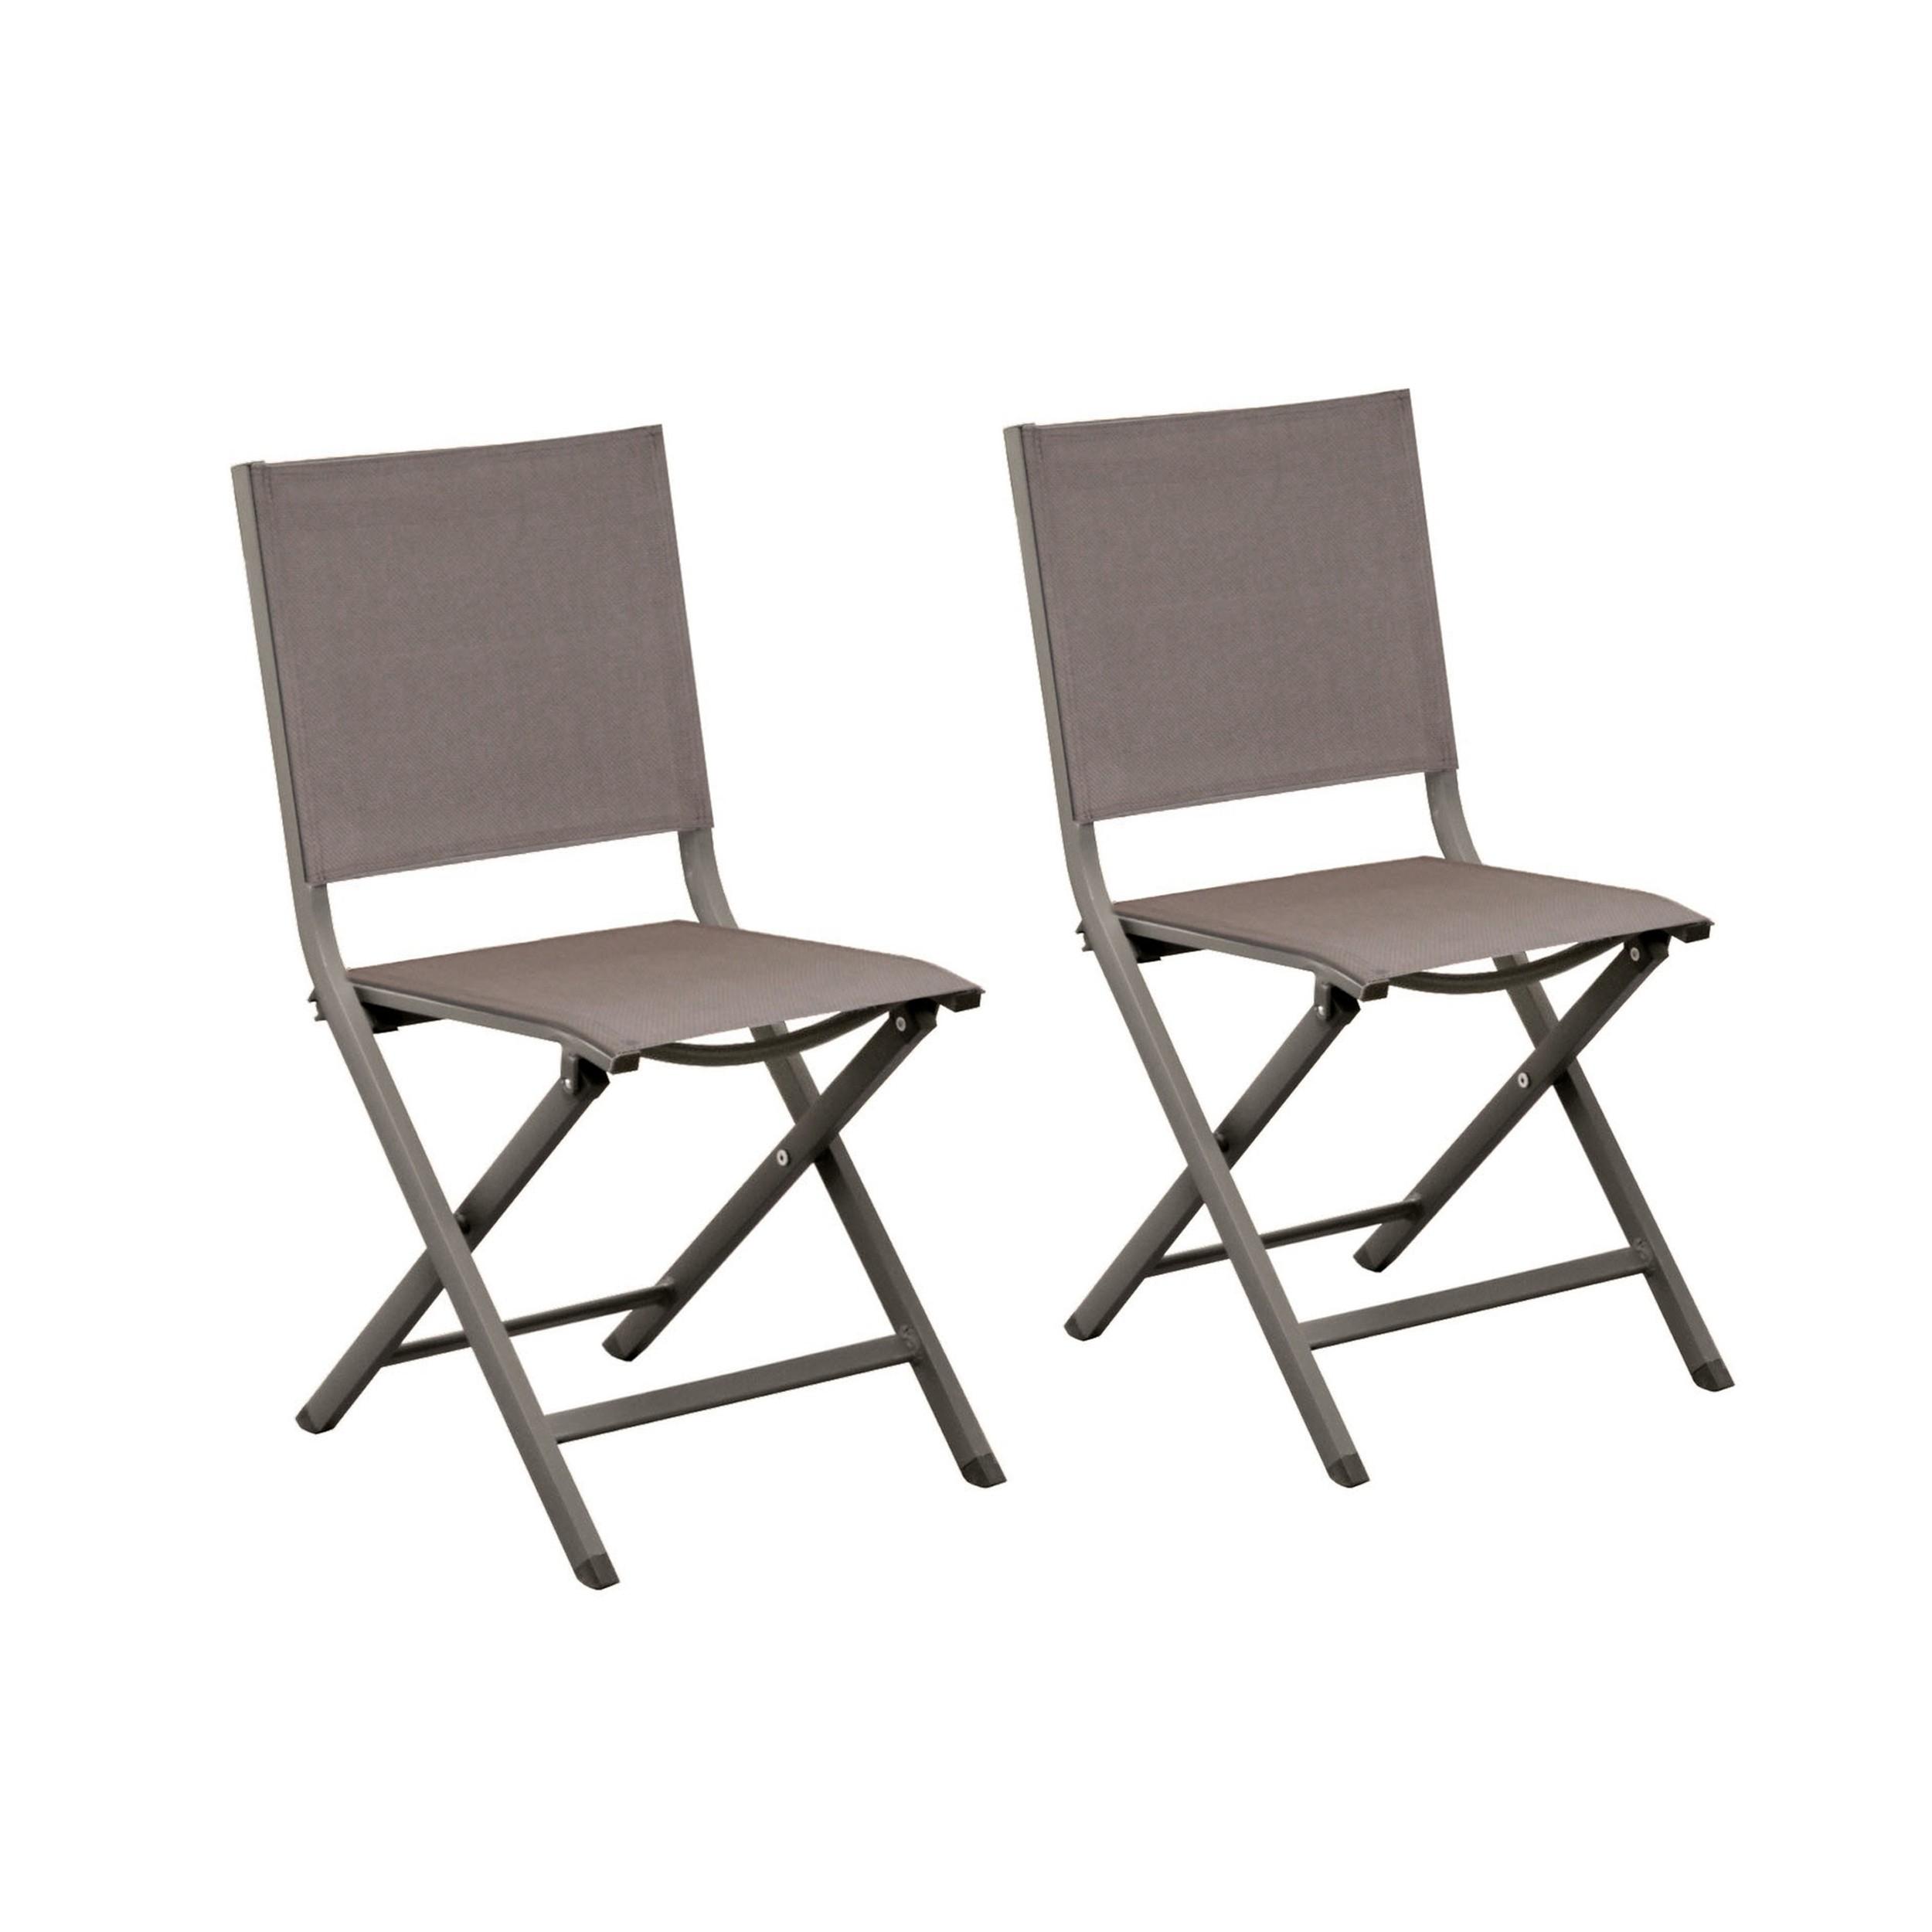 achat chaise de jardin gris fonce lot de 2